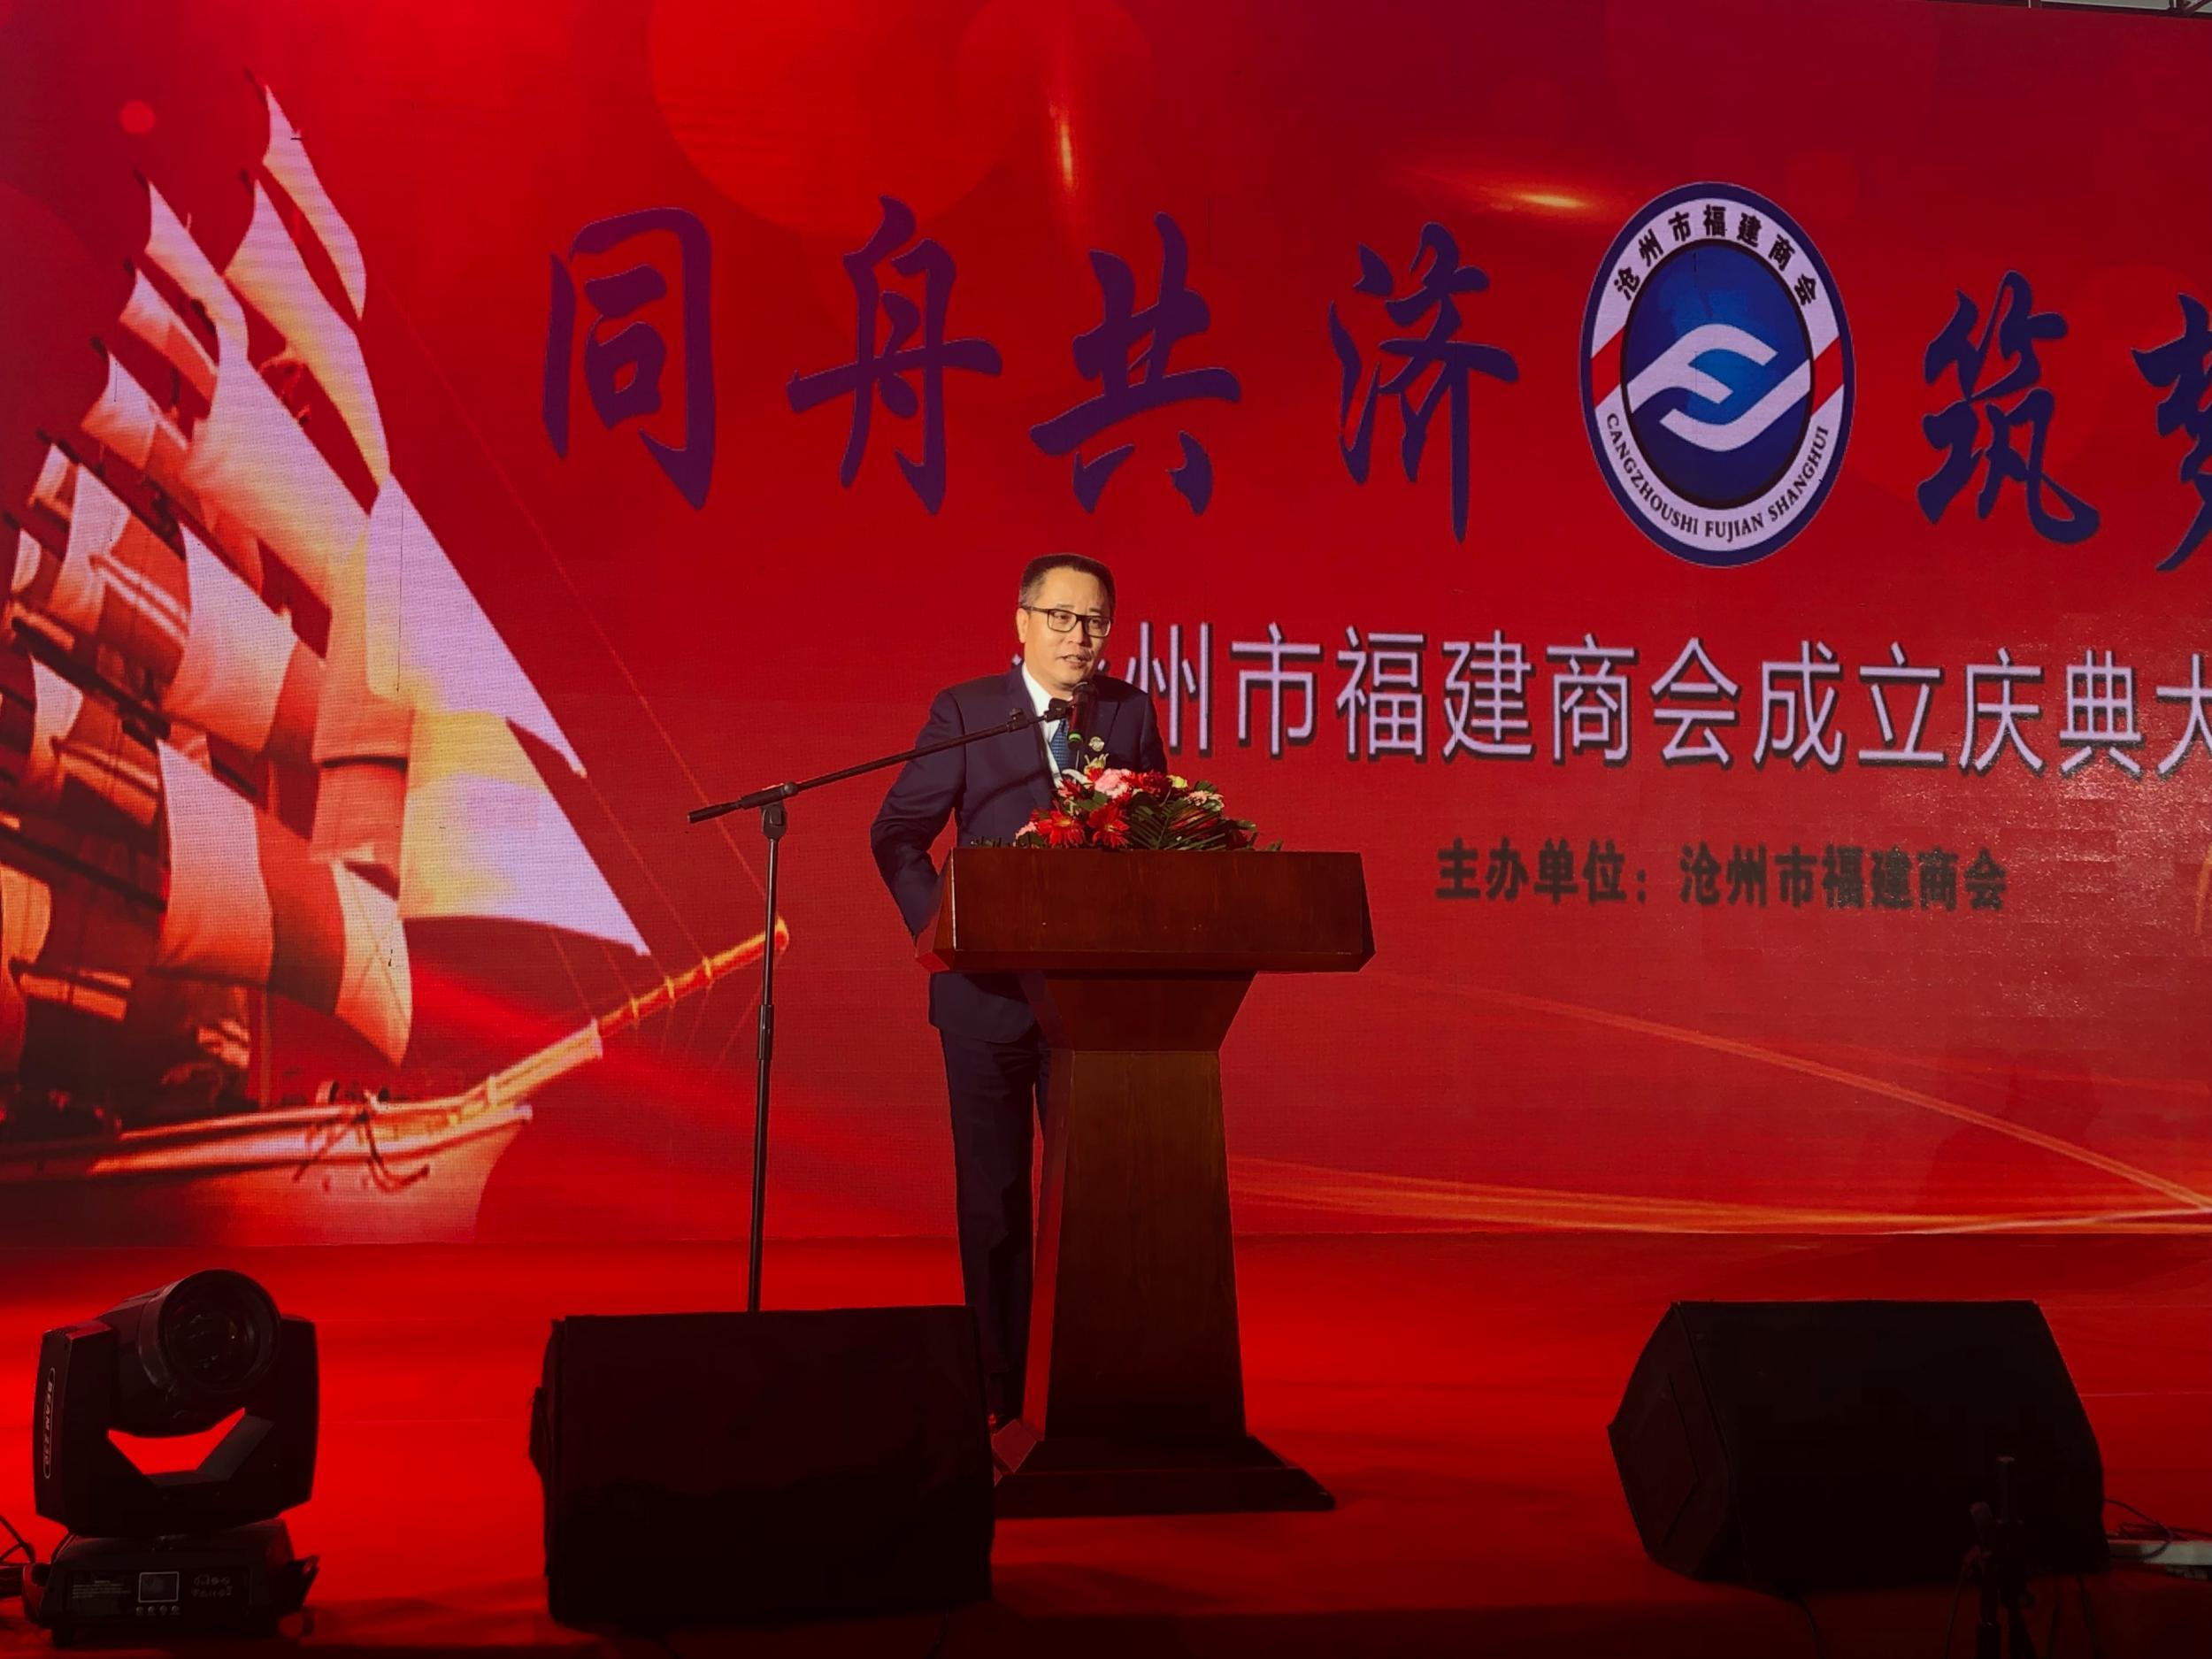 沧州市福建商会举行成立庆典大会图片